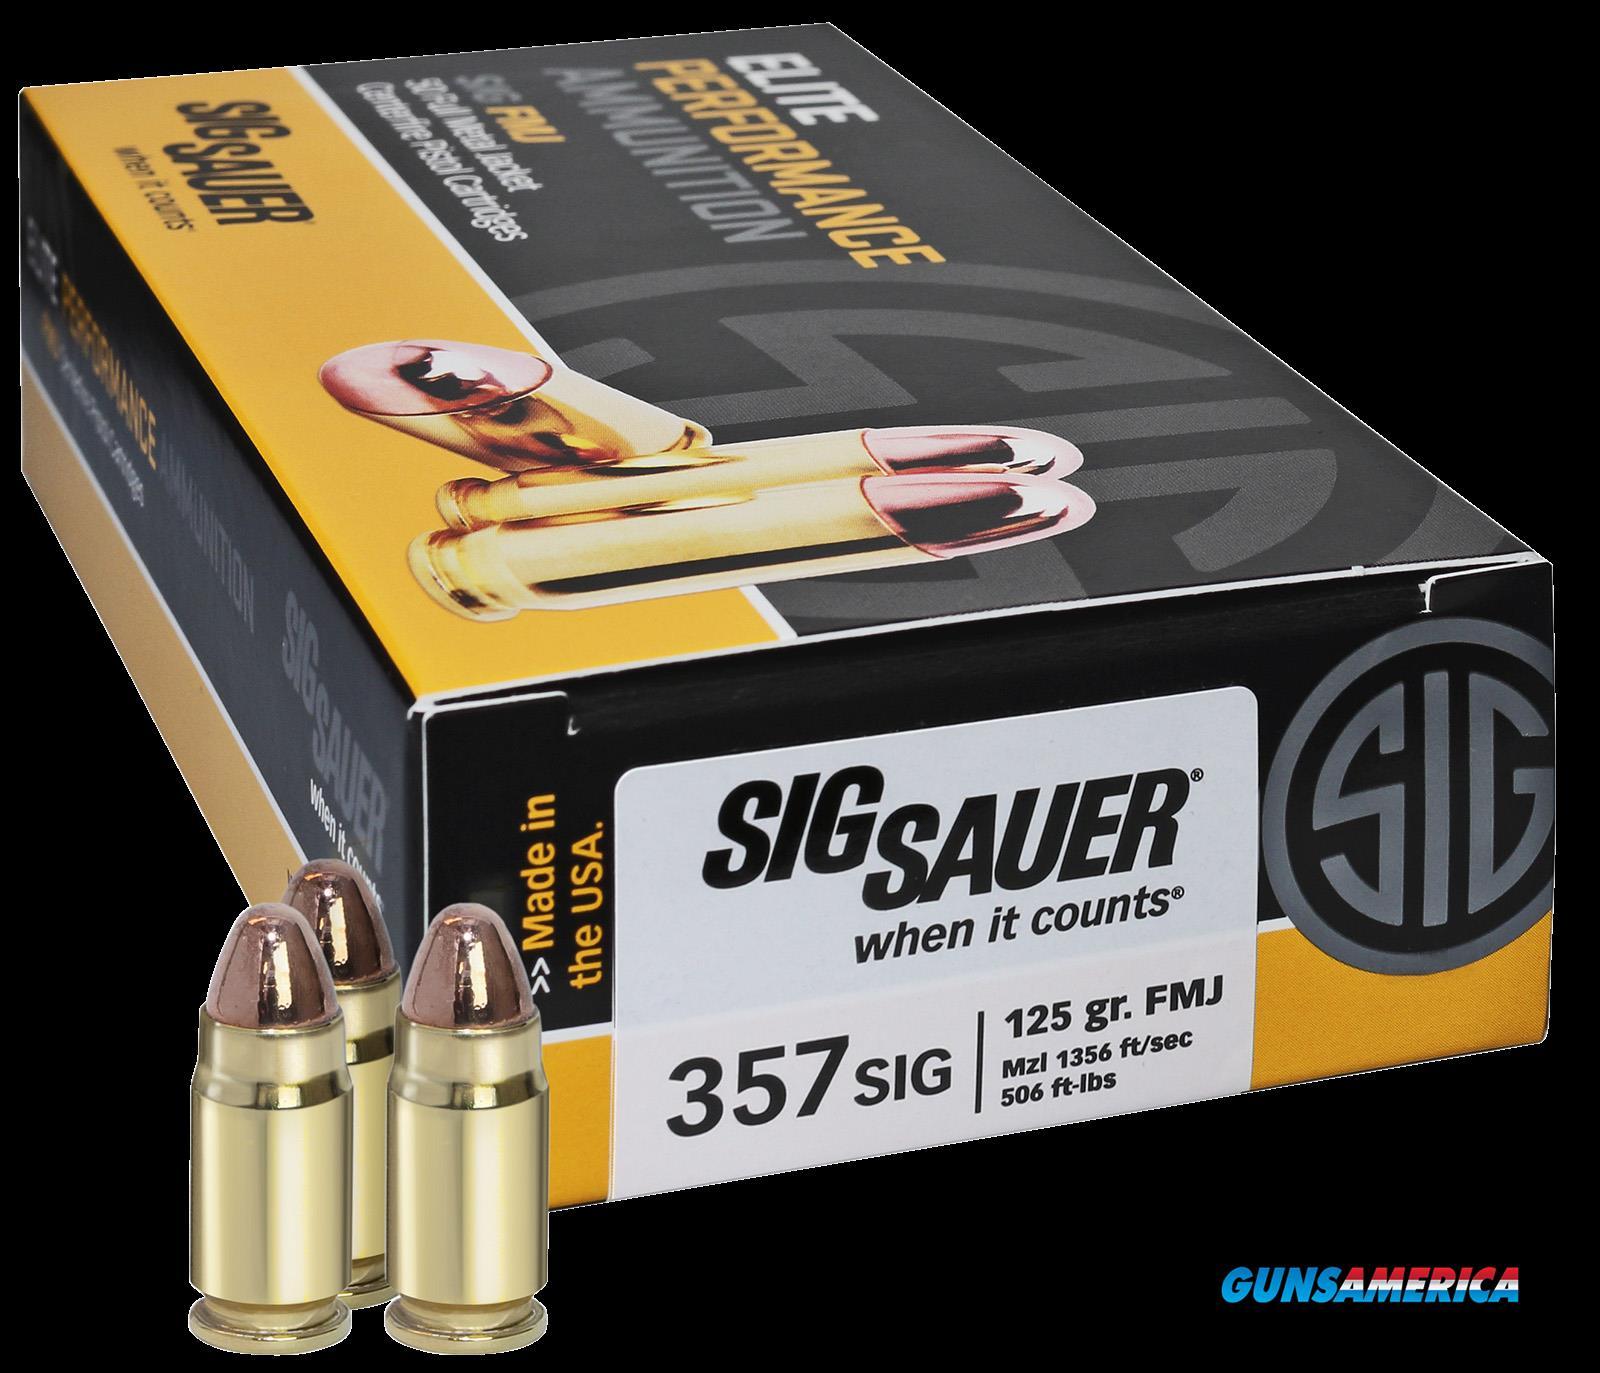 Sig Sauer Elite Ball, Sig E357b1-50     357s    125 Fmj Elite 50-20  Guns > Pistols > 1911 Pistol Copies (non-Colt)